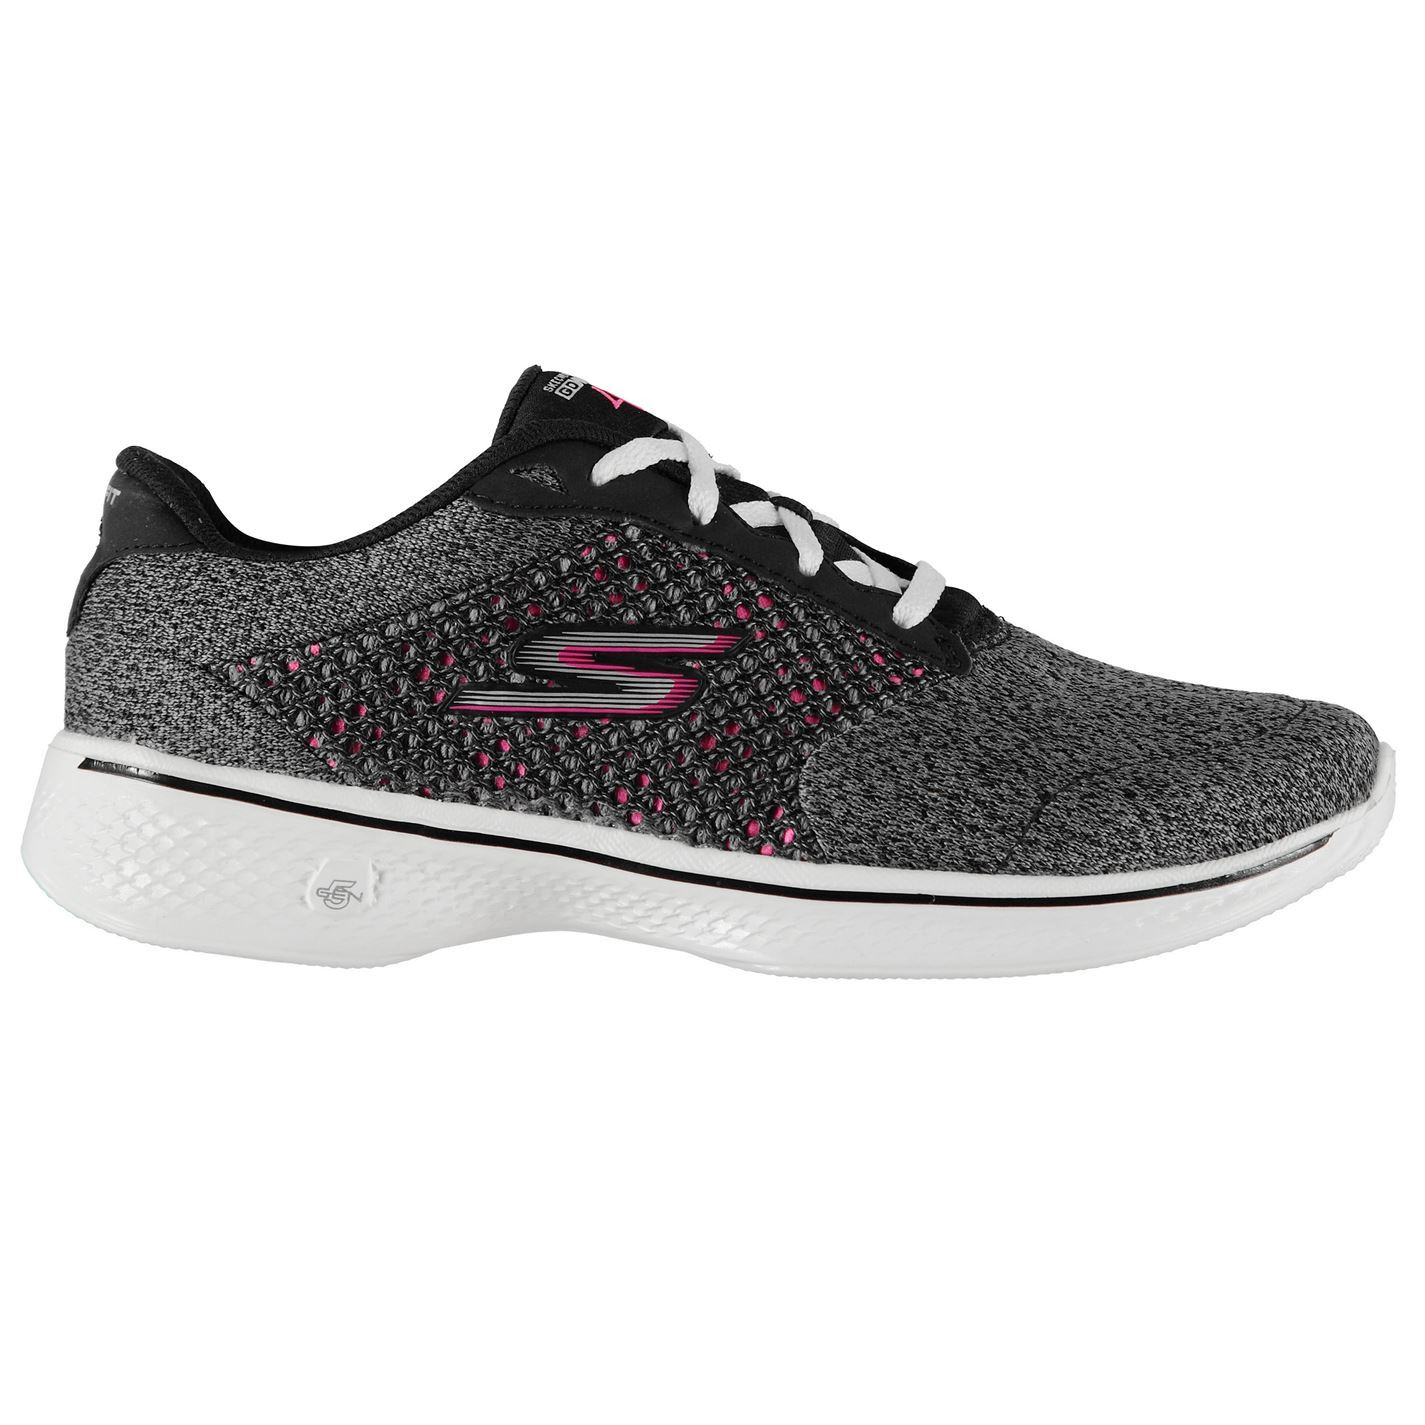 De 4 Go Walk Skechers Mujer Fitness Zapatillas Zapatos Calzado Cw6FCqX